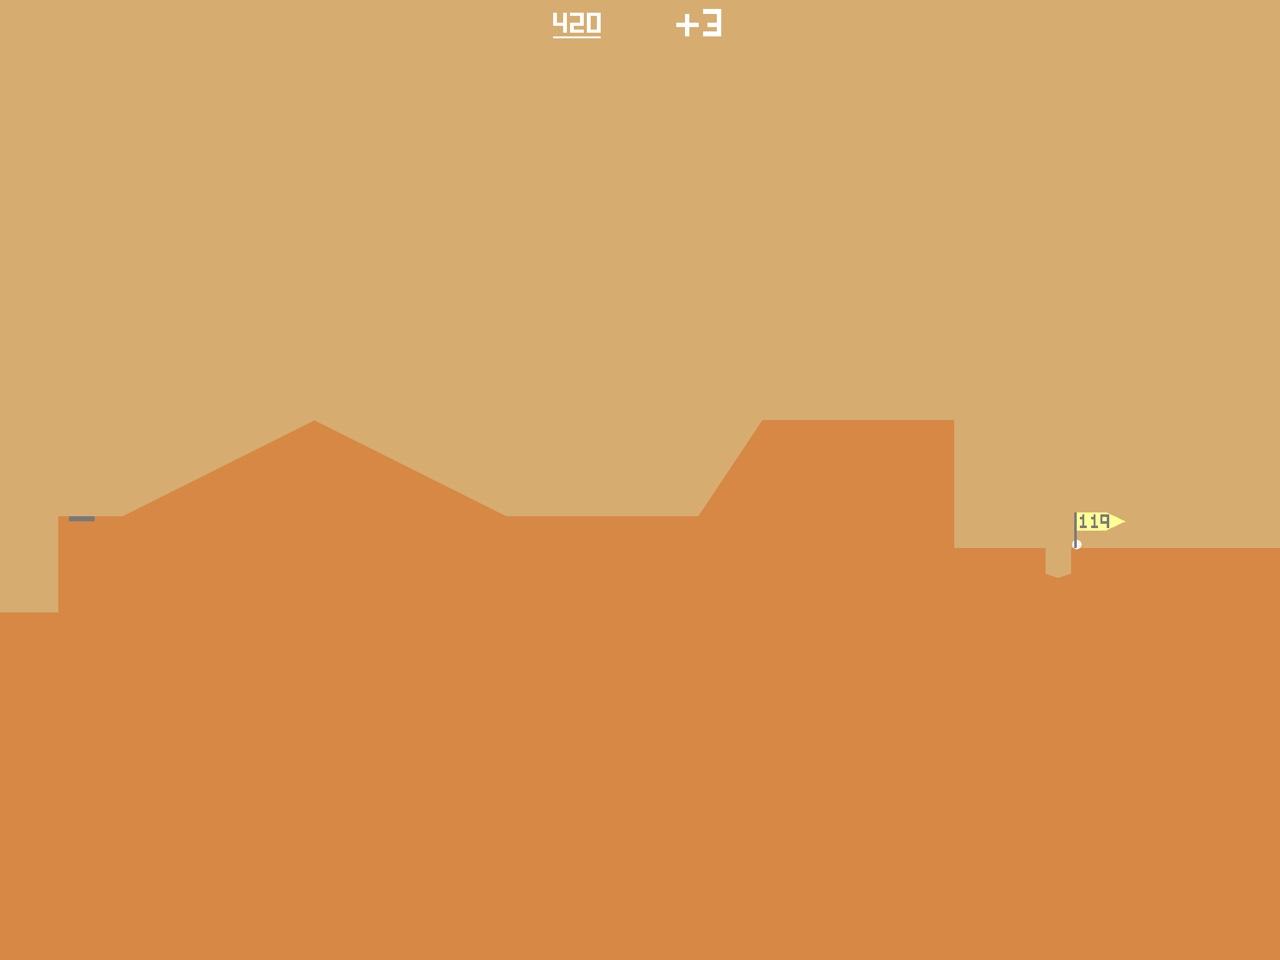 desert-golfing-00010